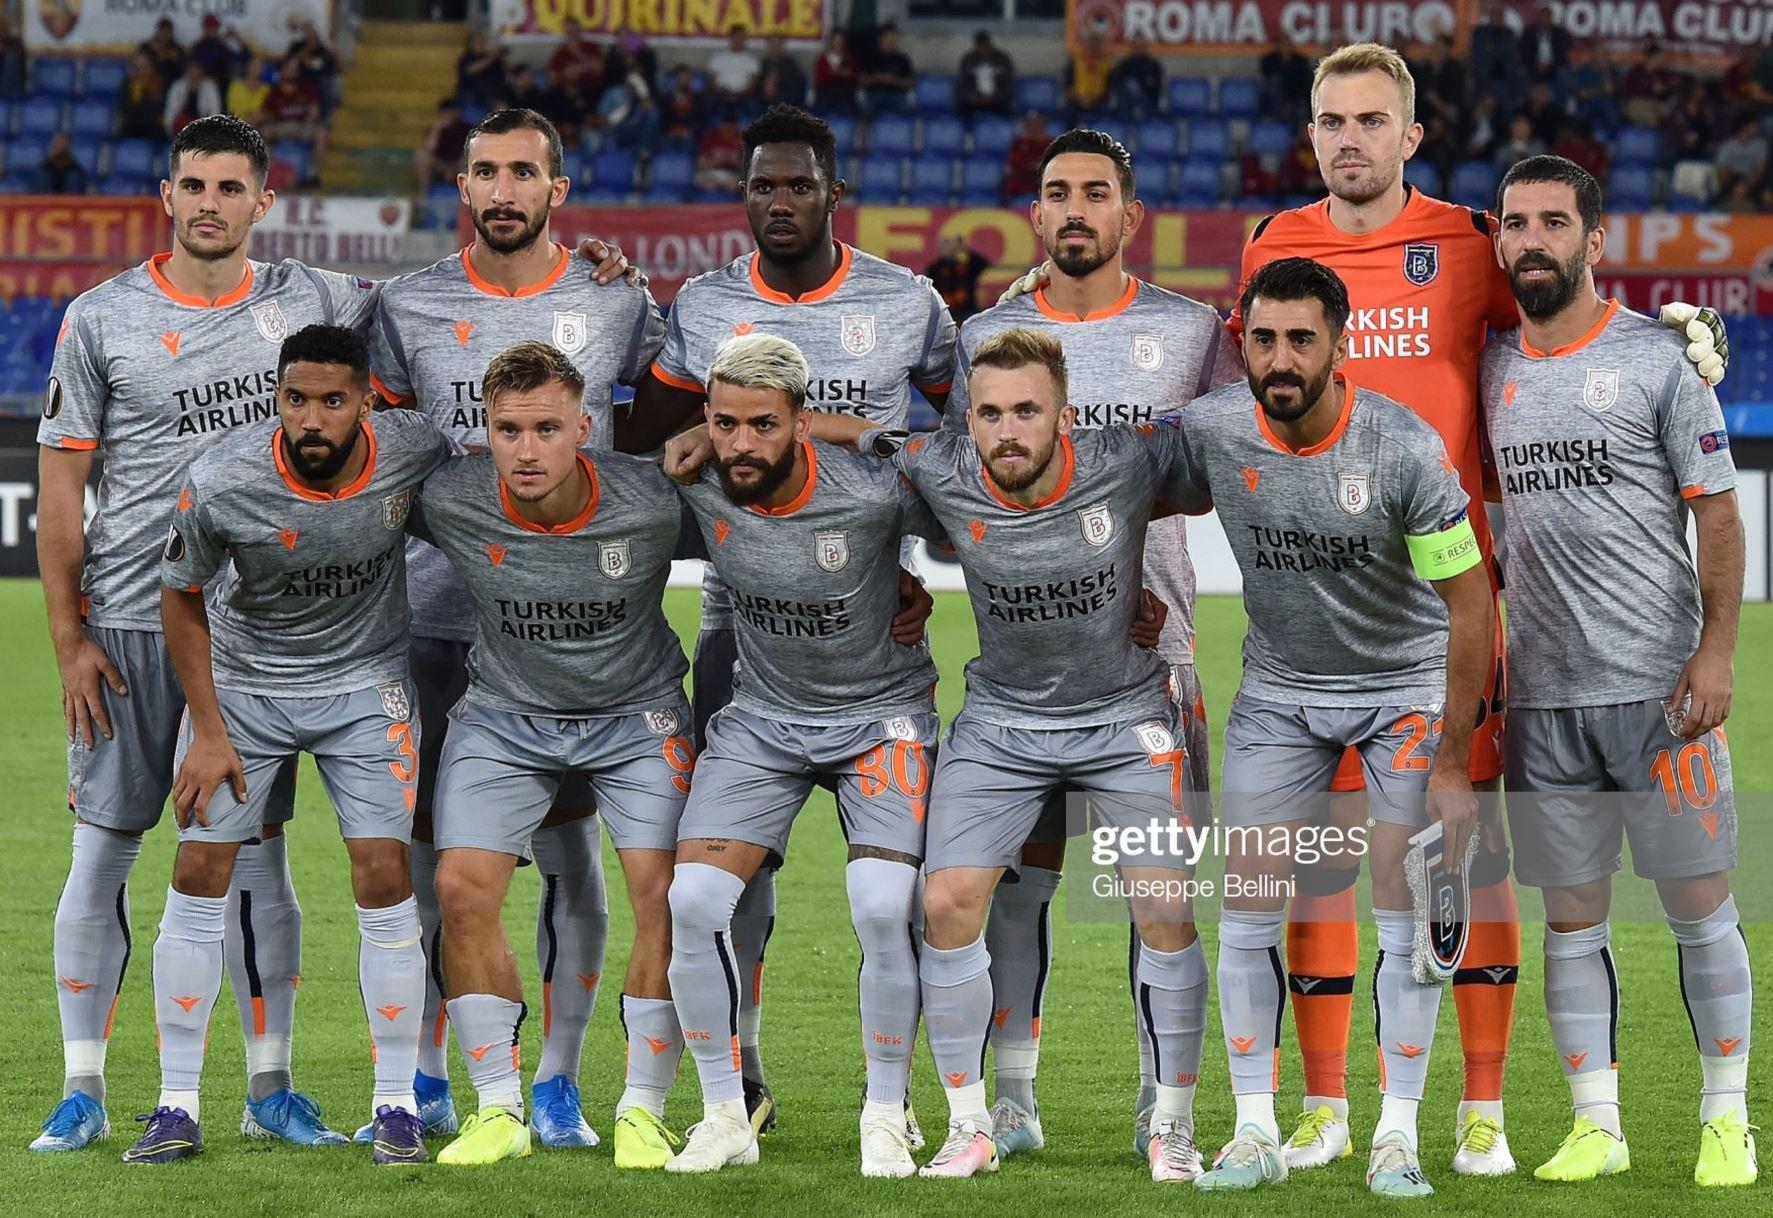 Рома (Италия) - Истанбул Башакшехир (Турция) 4:0. Нажмите, чтобы посмотреть истинный размер рисунка